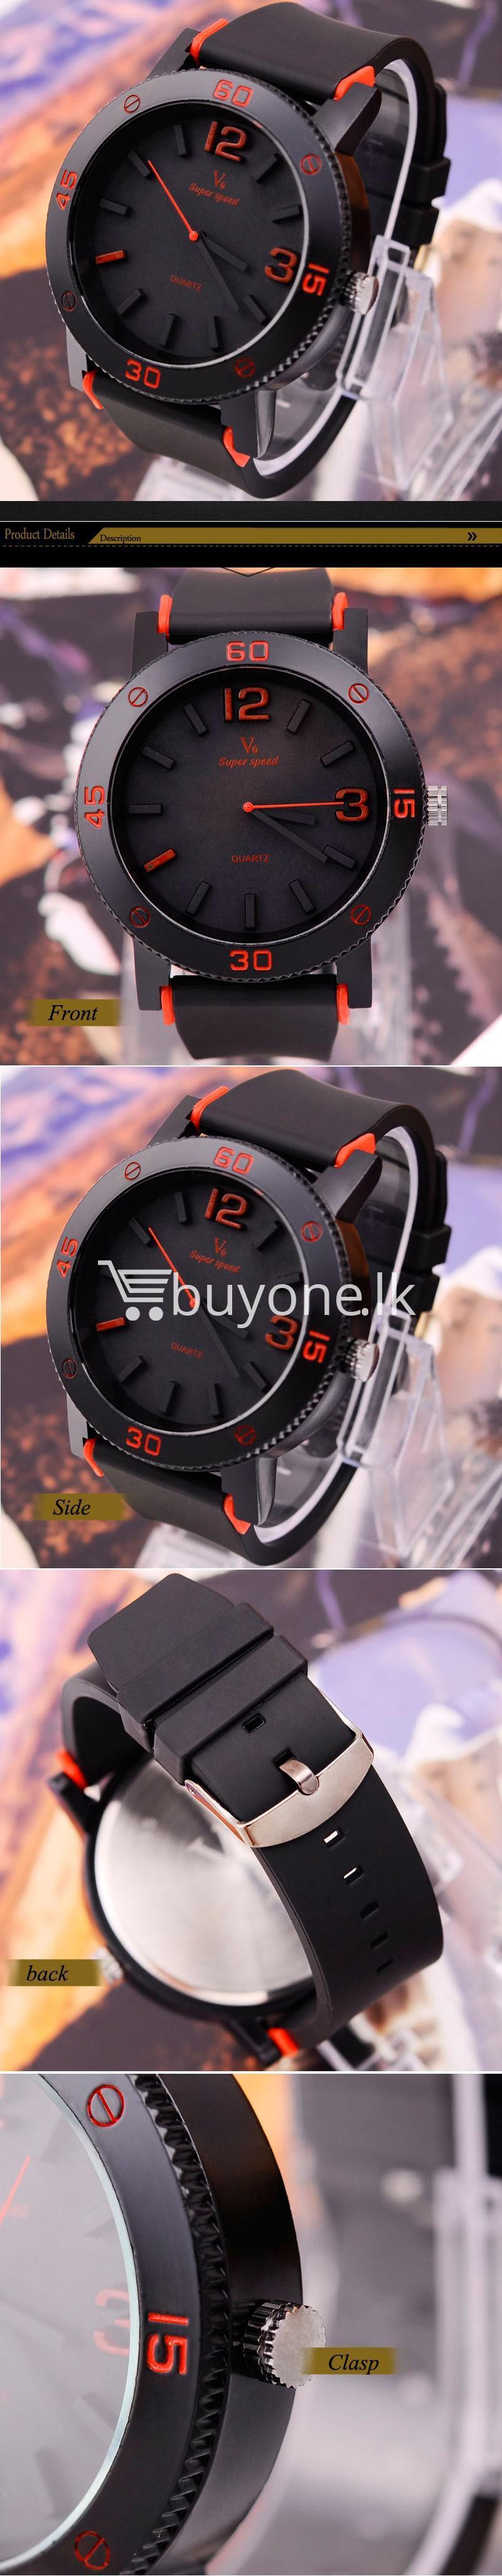 v6 brand fashion quartz sports watches men watches special best offer buy one lk sri lanka 24901 - V6 Brand Fashion Quartz Sports Watches